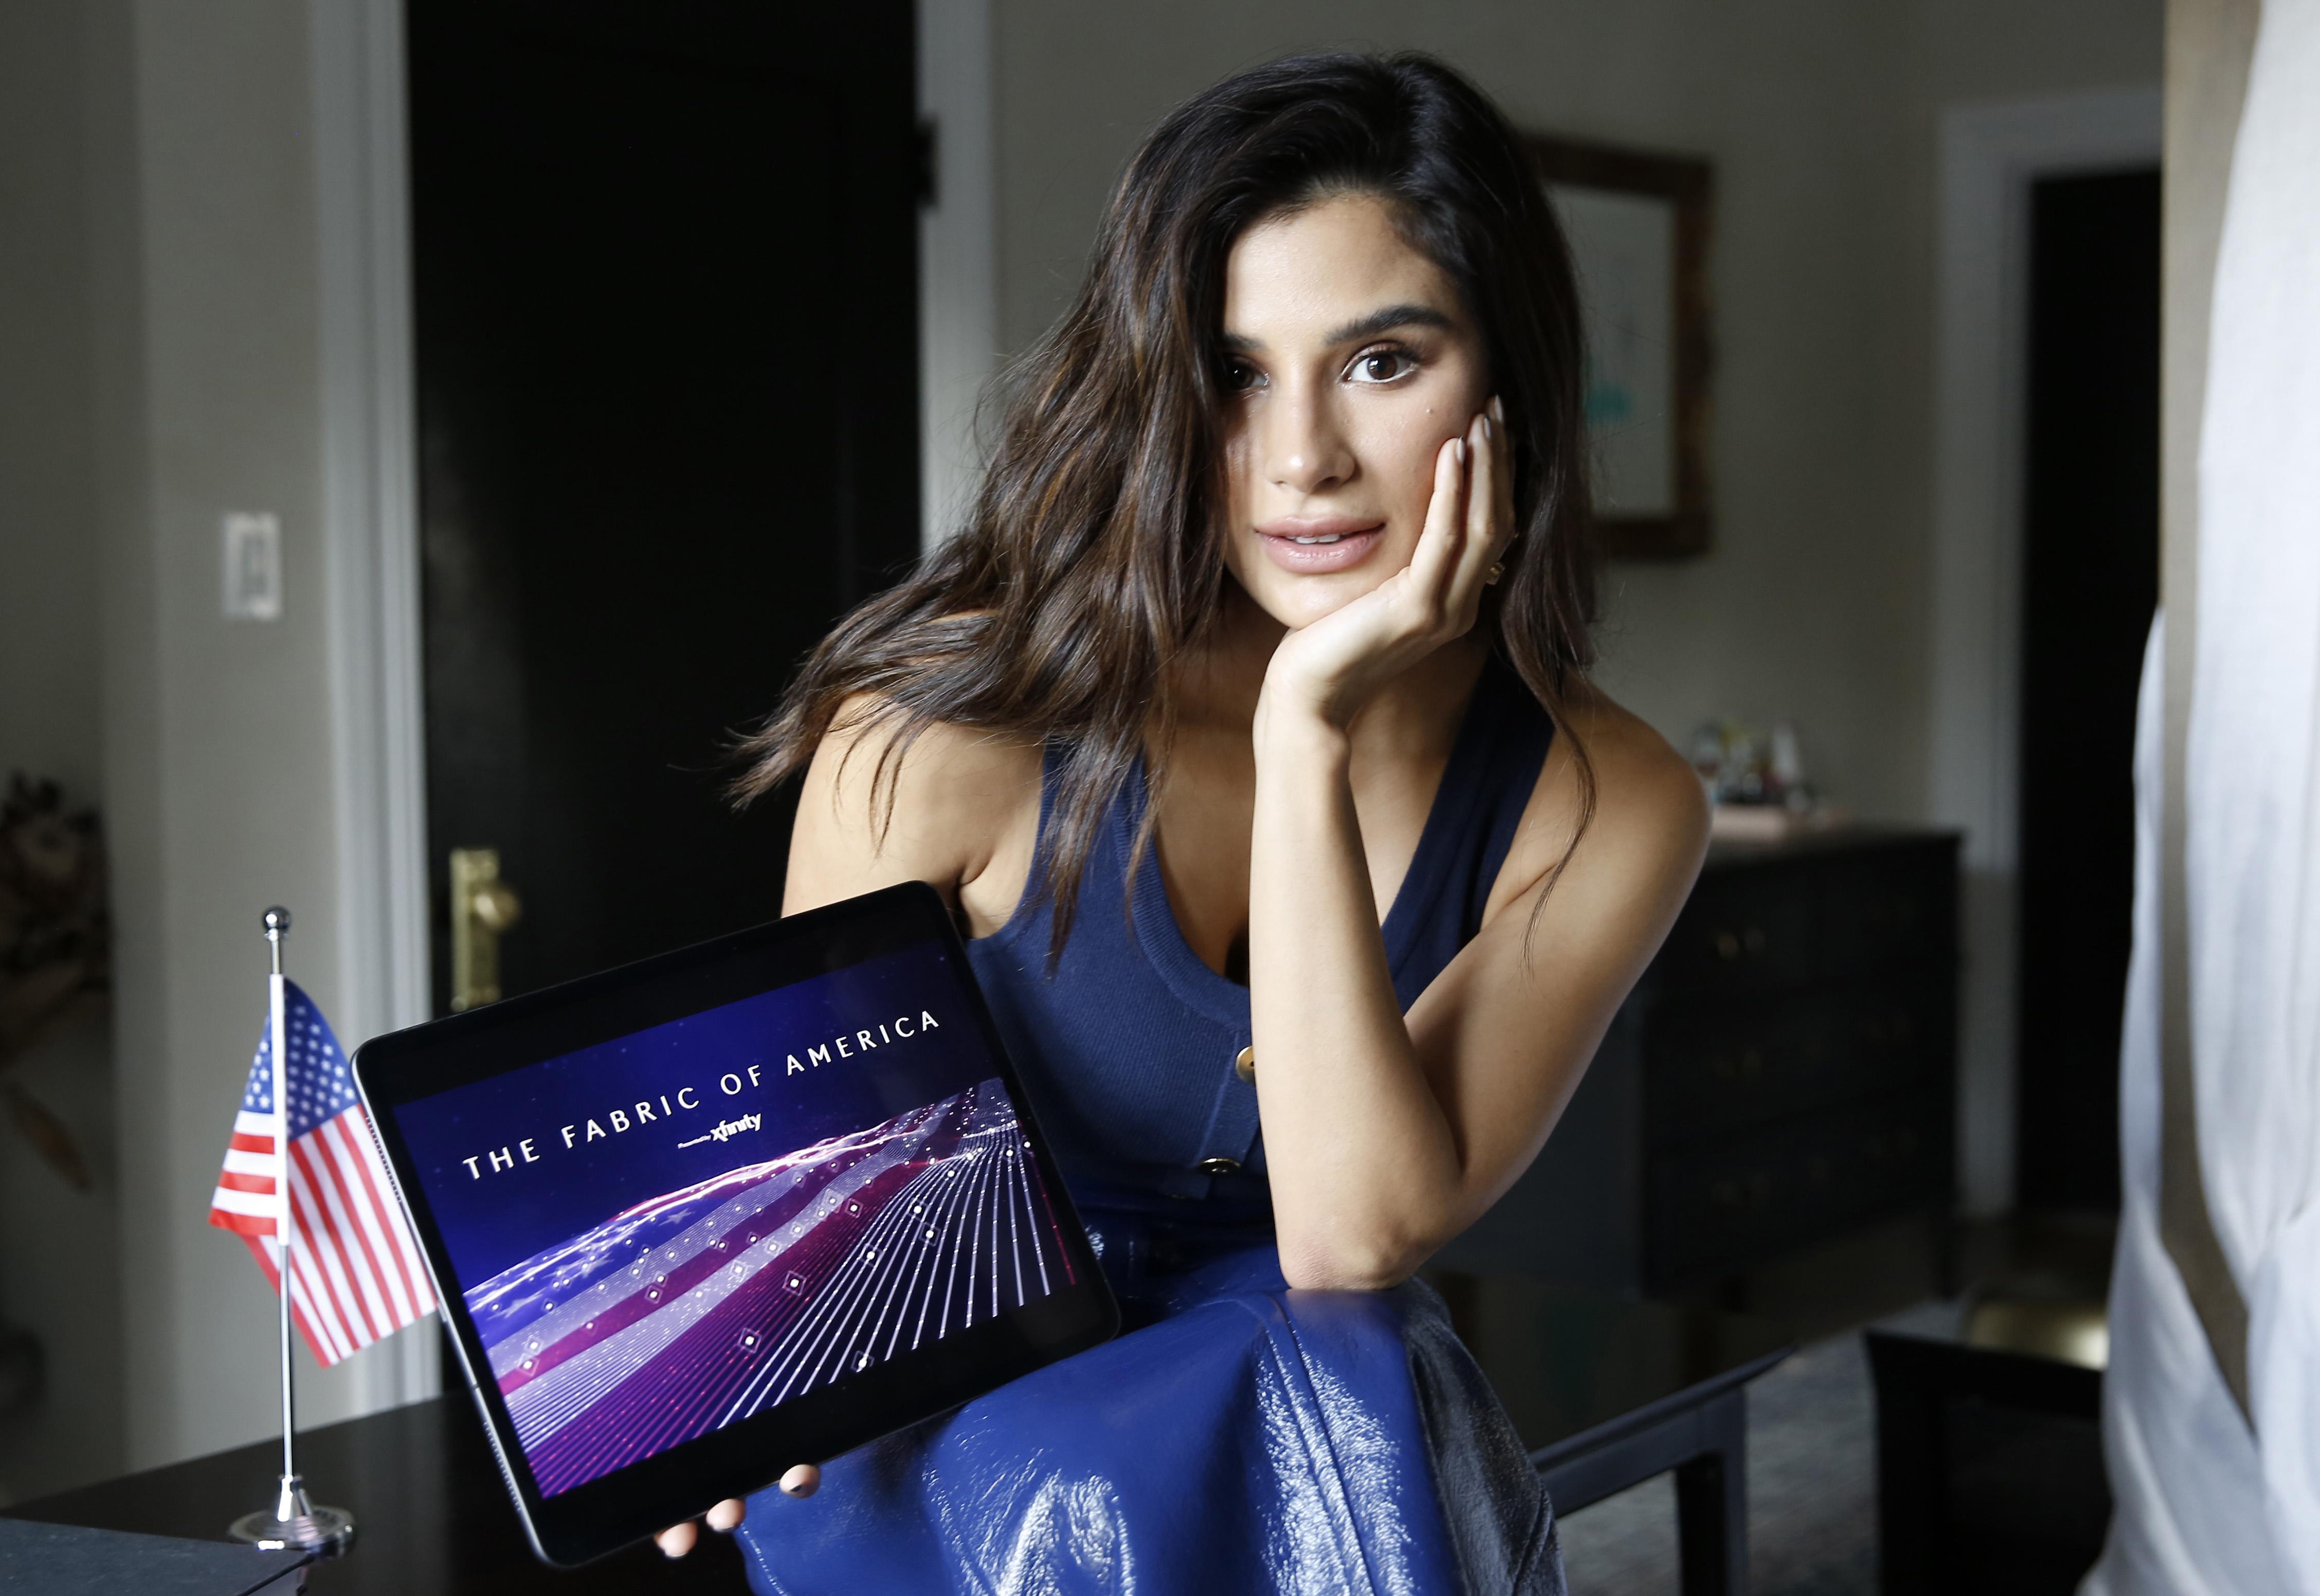 """Xfinity destaca los aportes hispanoamericanos al tapiz de la nación con su tributo digital """"The Fabric of America"""""""